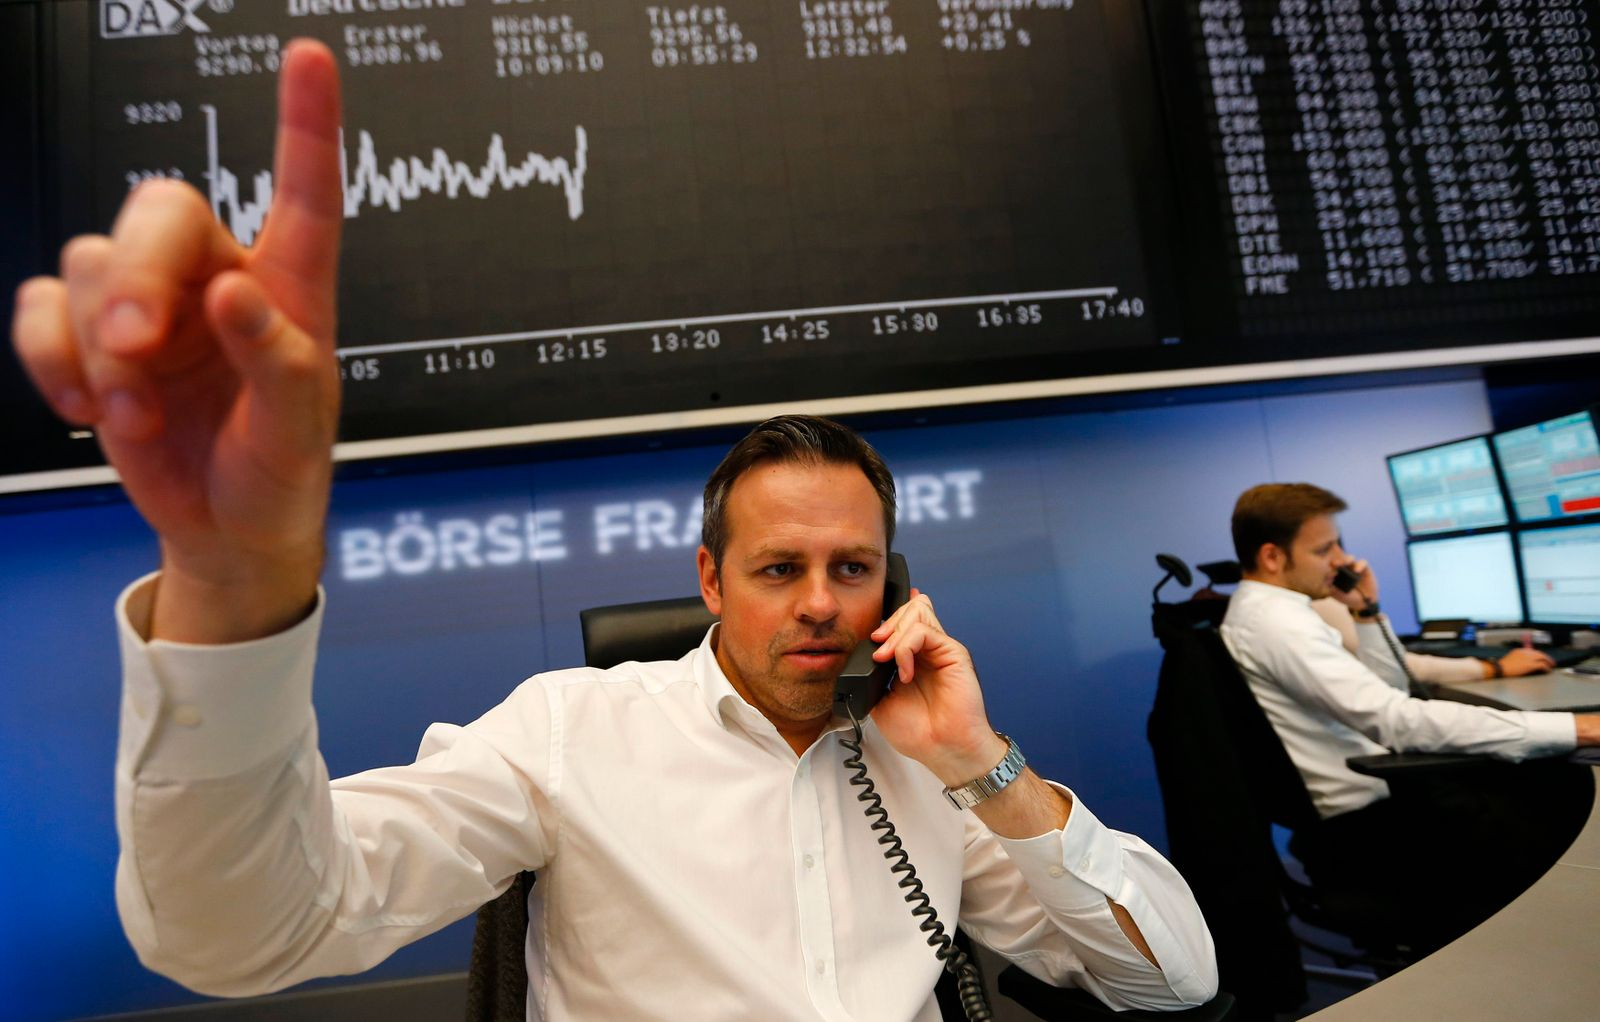 Dax / Deutsche Börse